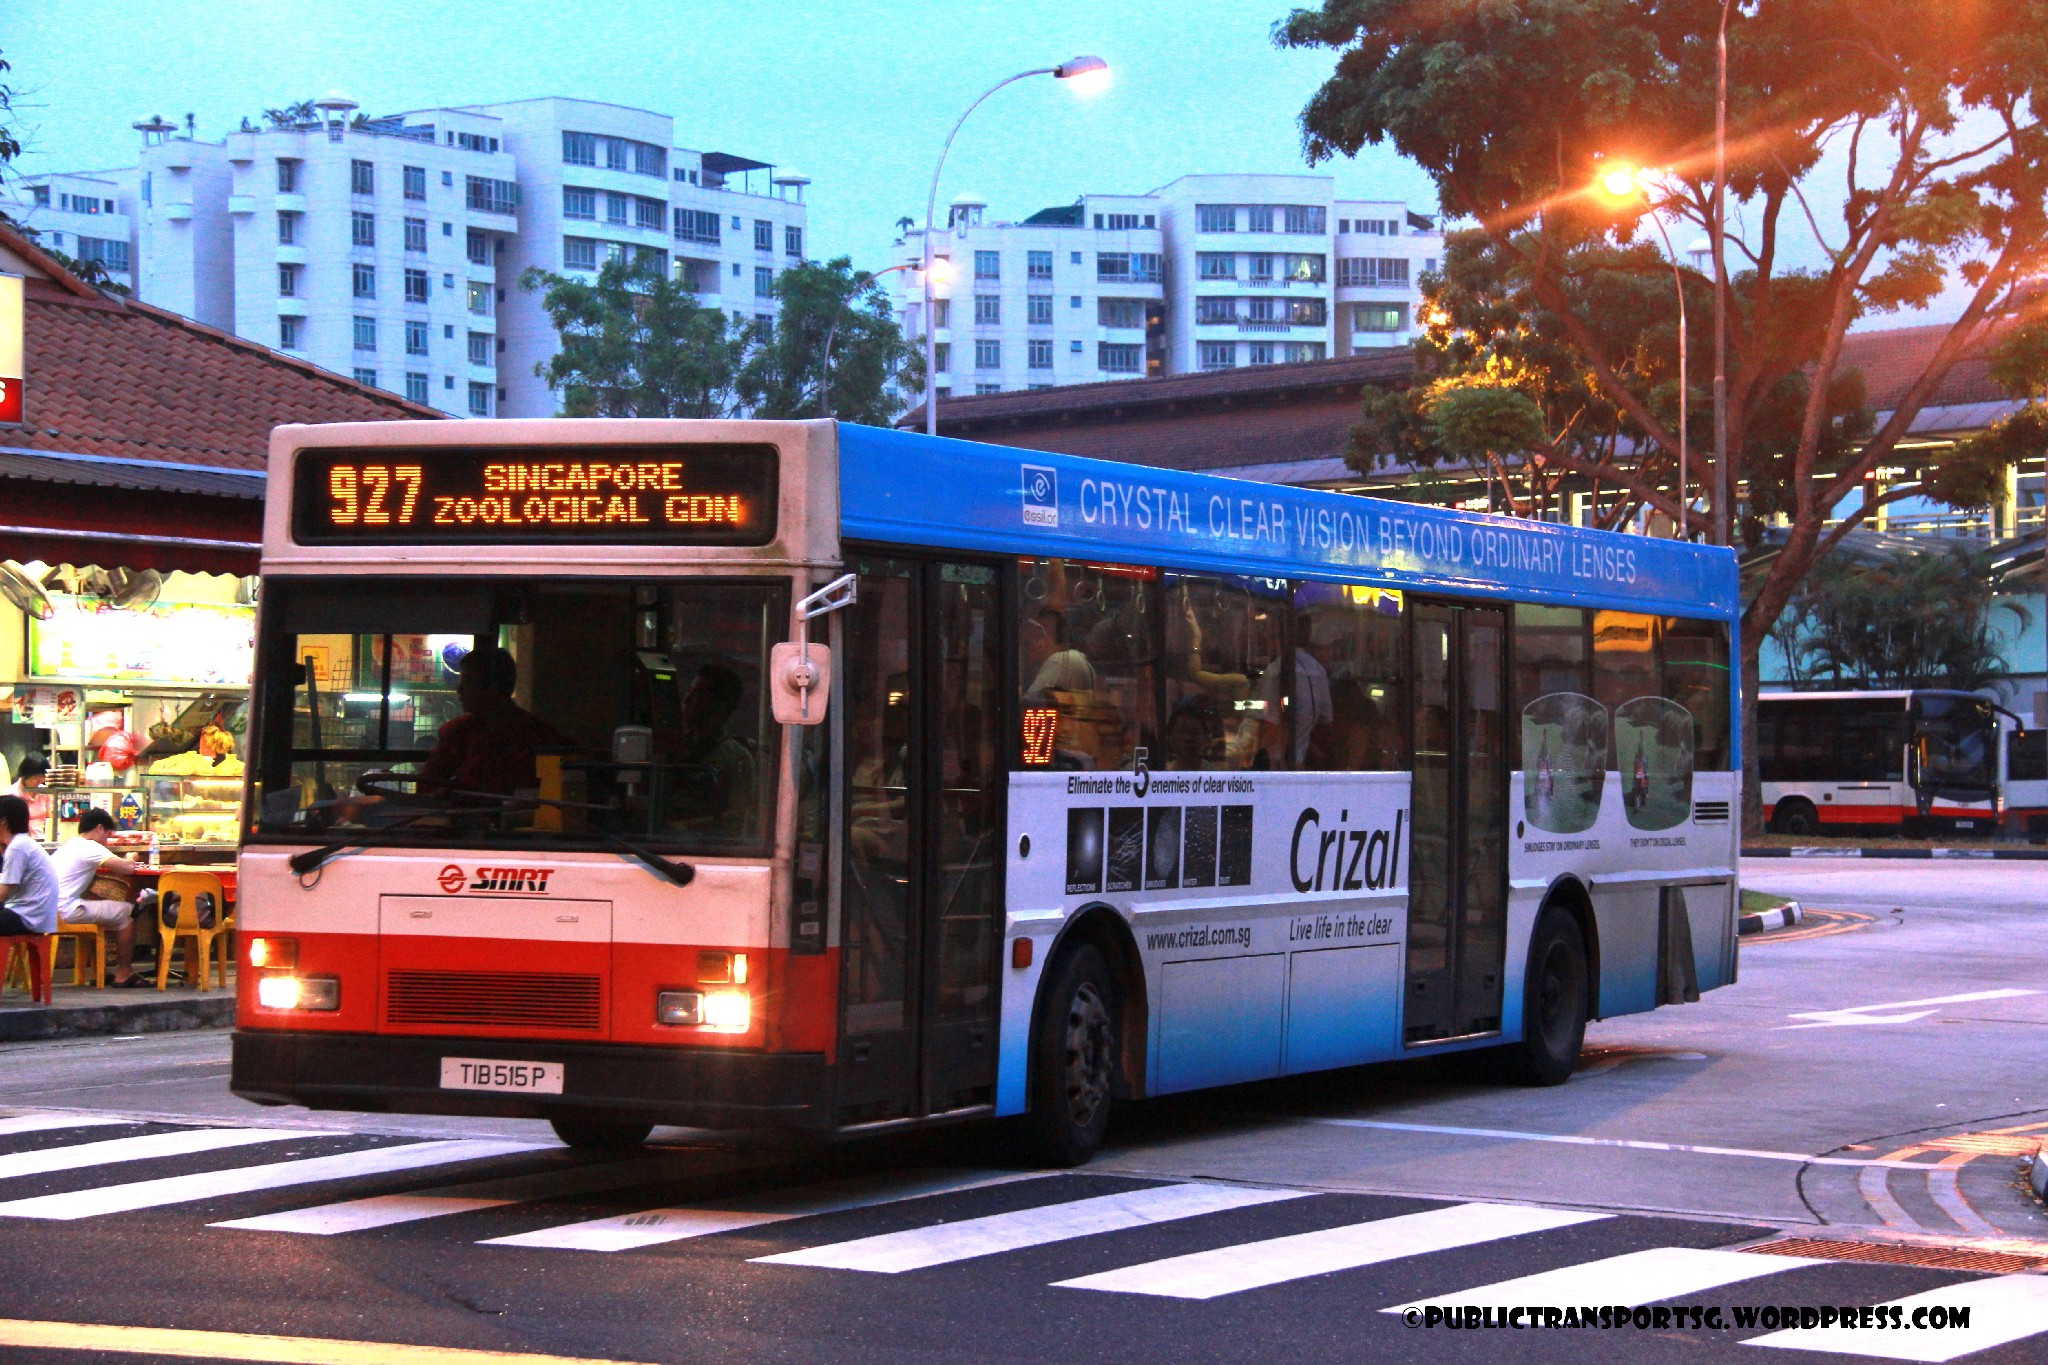 Smrt bus service 927 land transport guru for Mercedes benz woodlands service